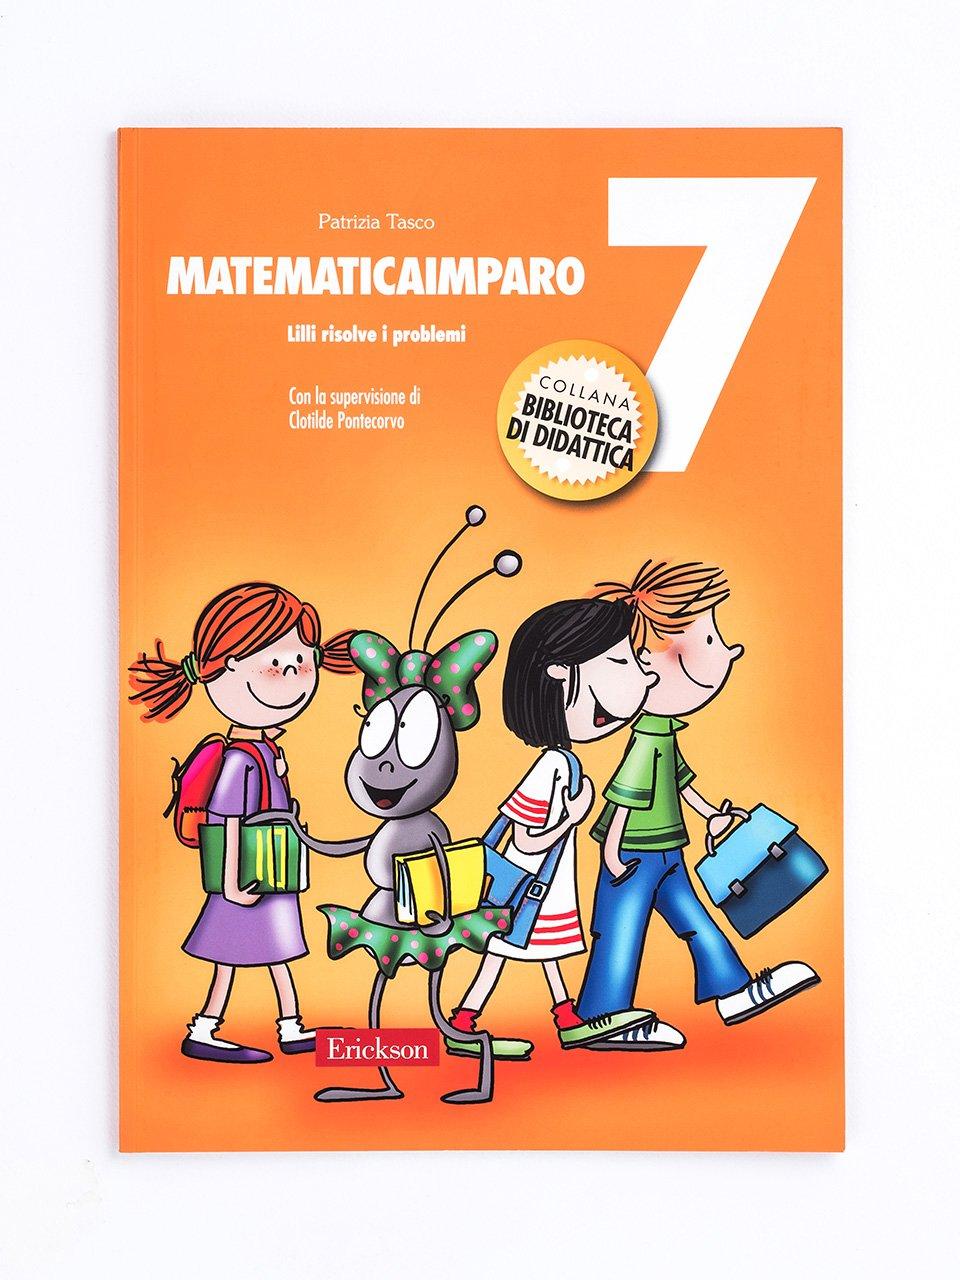 MatematicaImparo 7 - Imparare e giocare con la tavola pitagorica e la L - App e software - Erickson